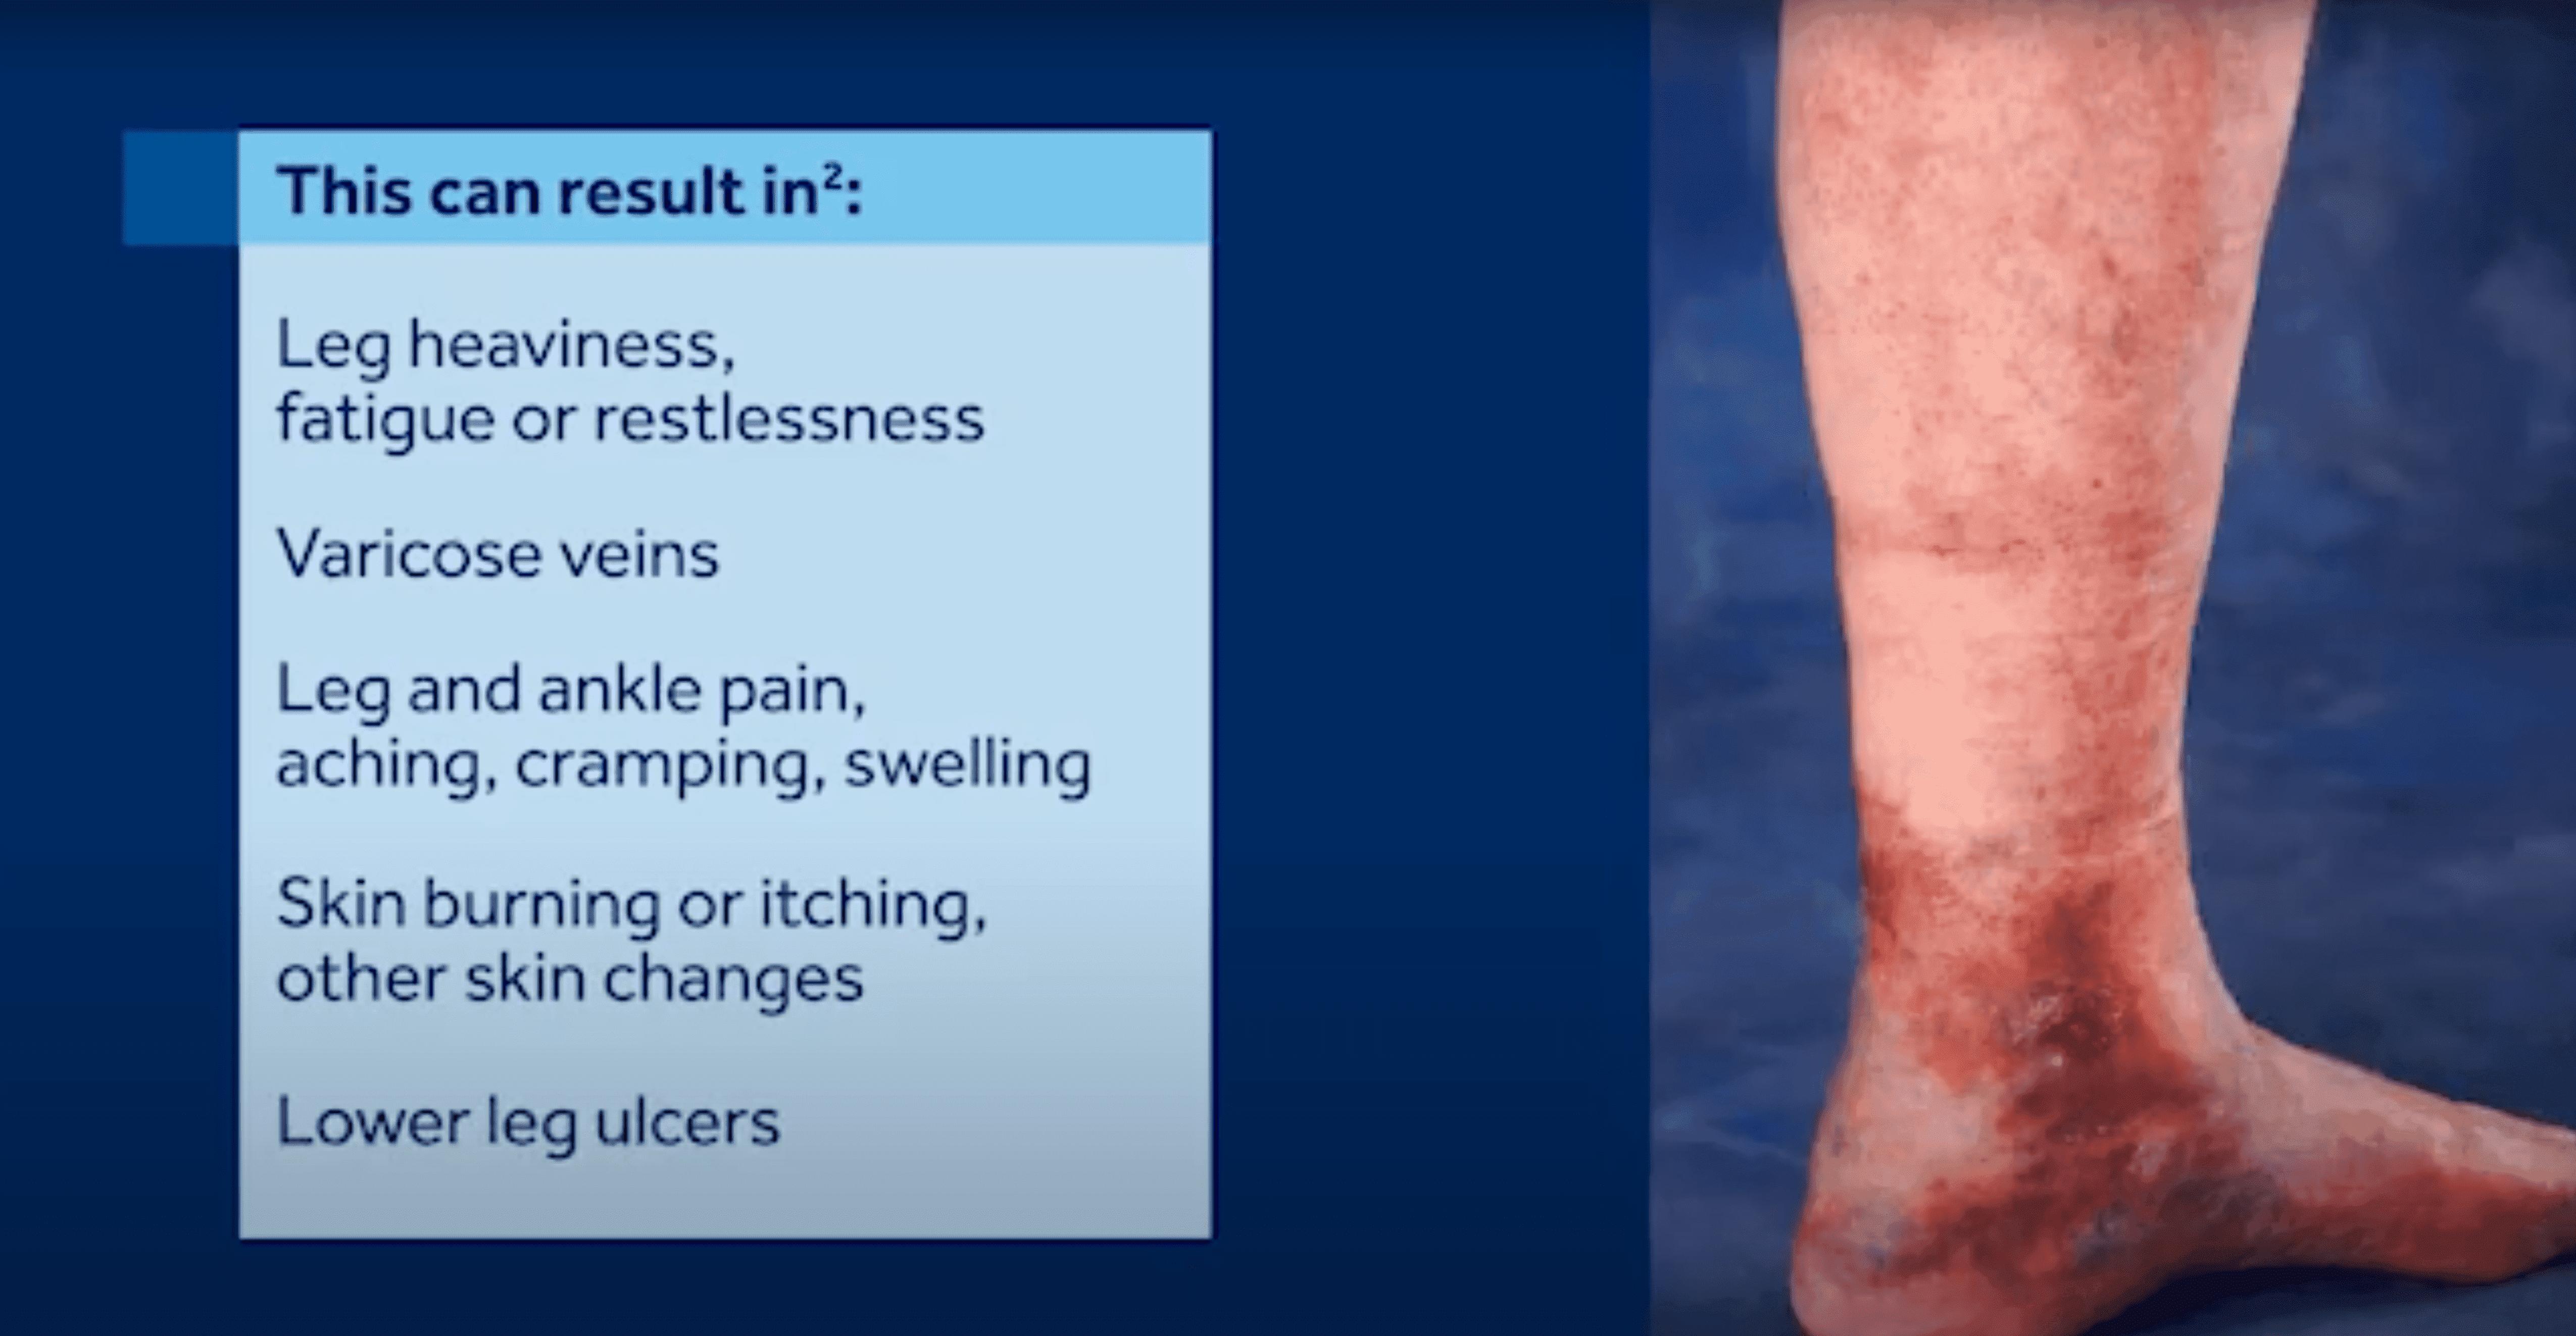 Venous Reflux Disease – Treatment